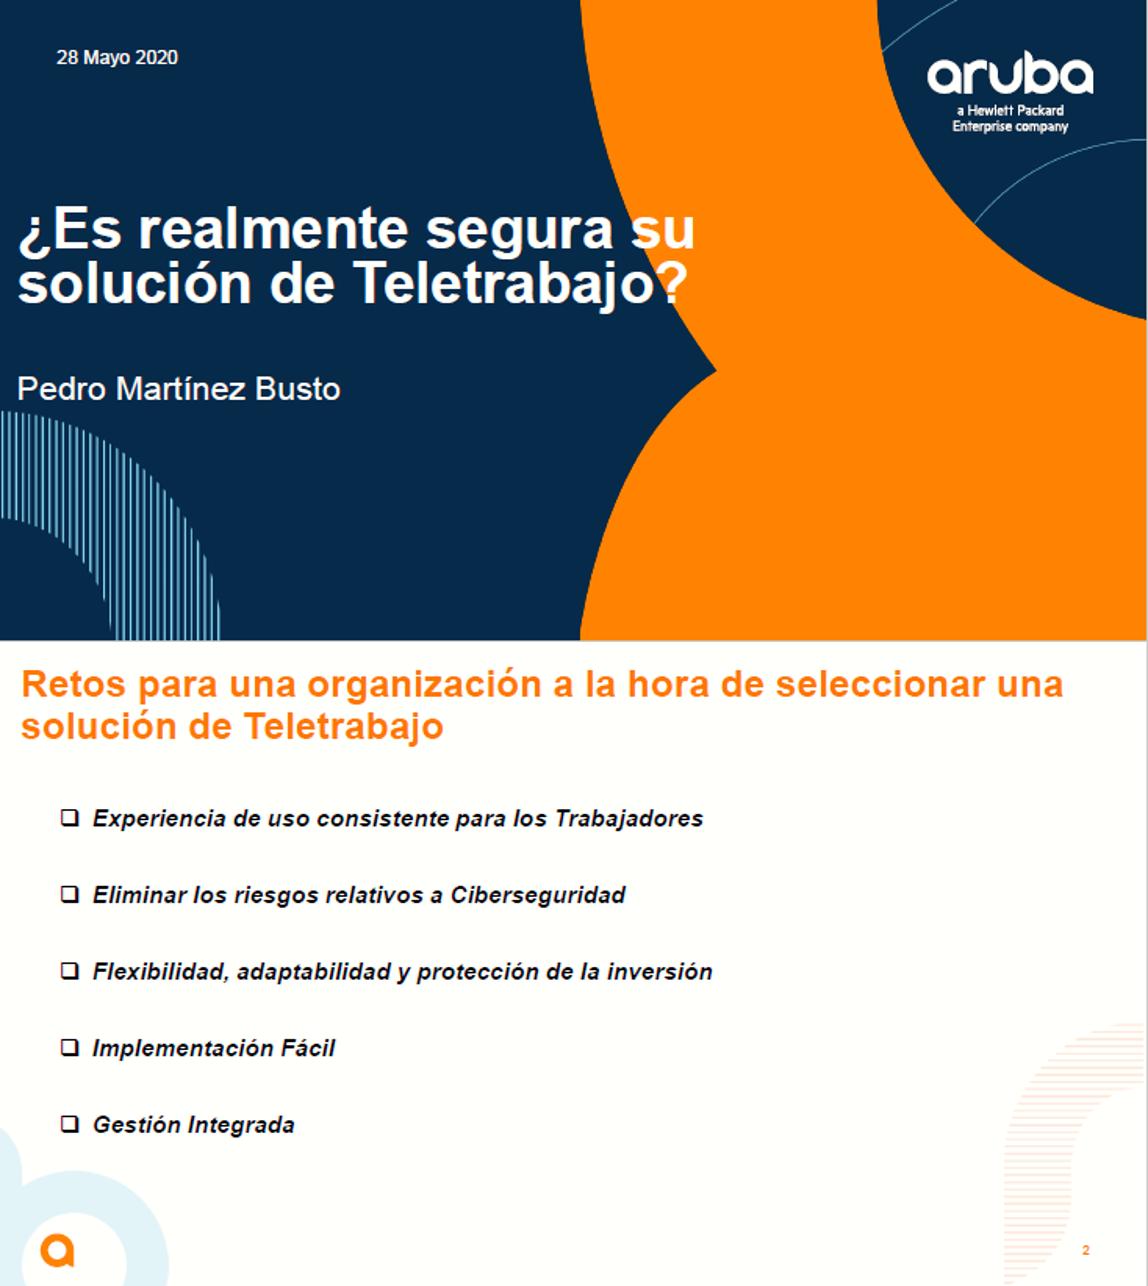 ¿Es realmente segura su solución de Teletrabajo?